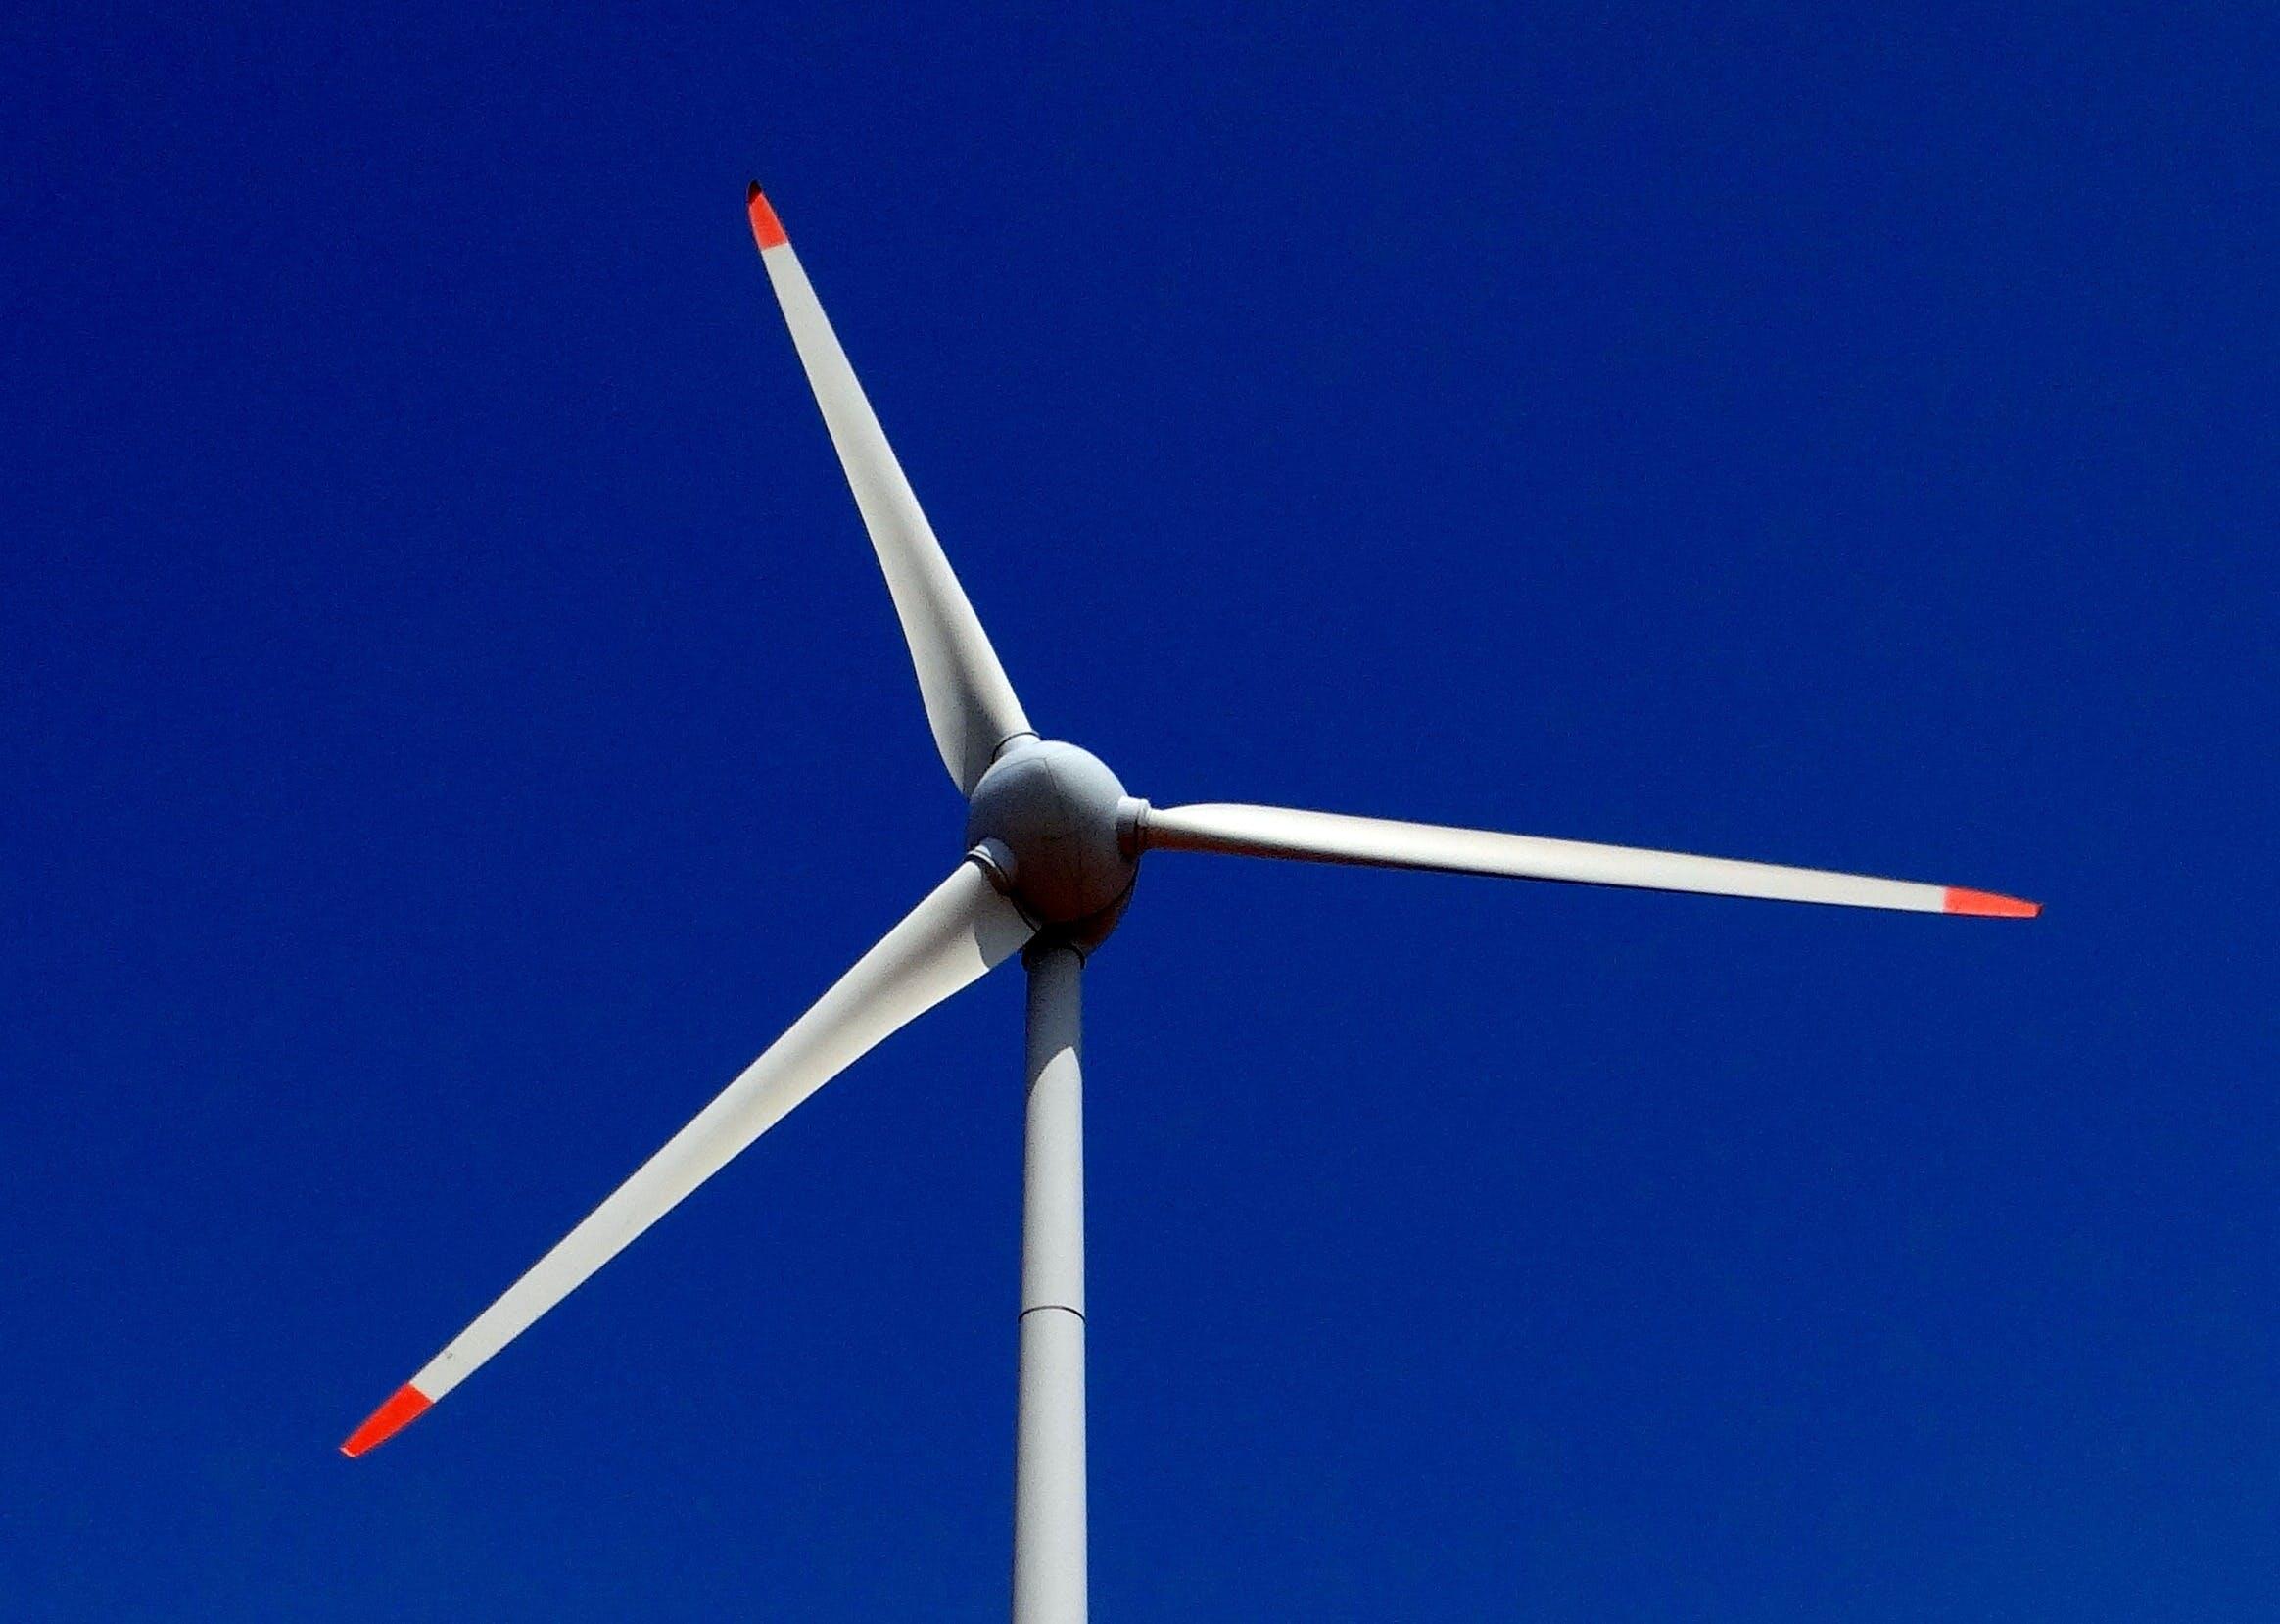 3 Blade Windmill